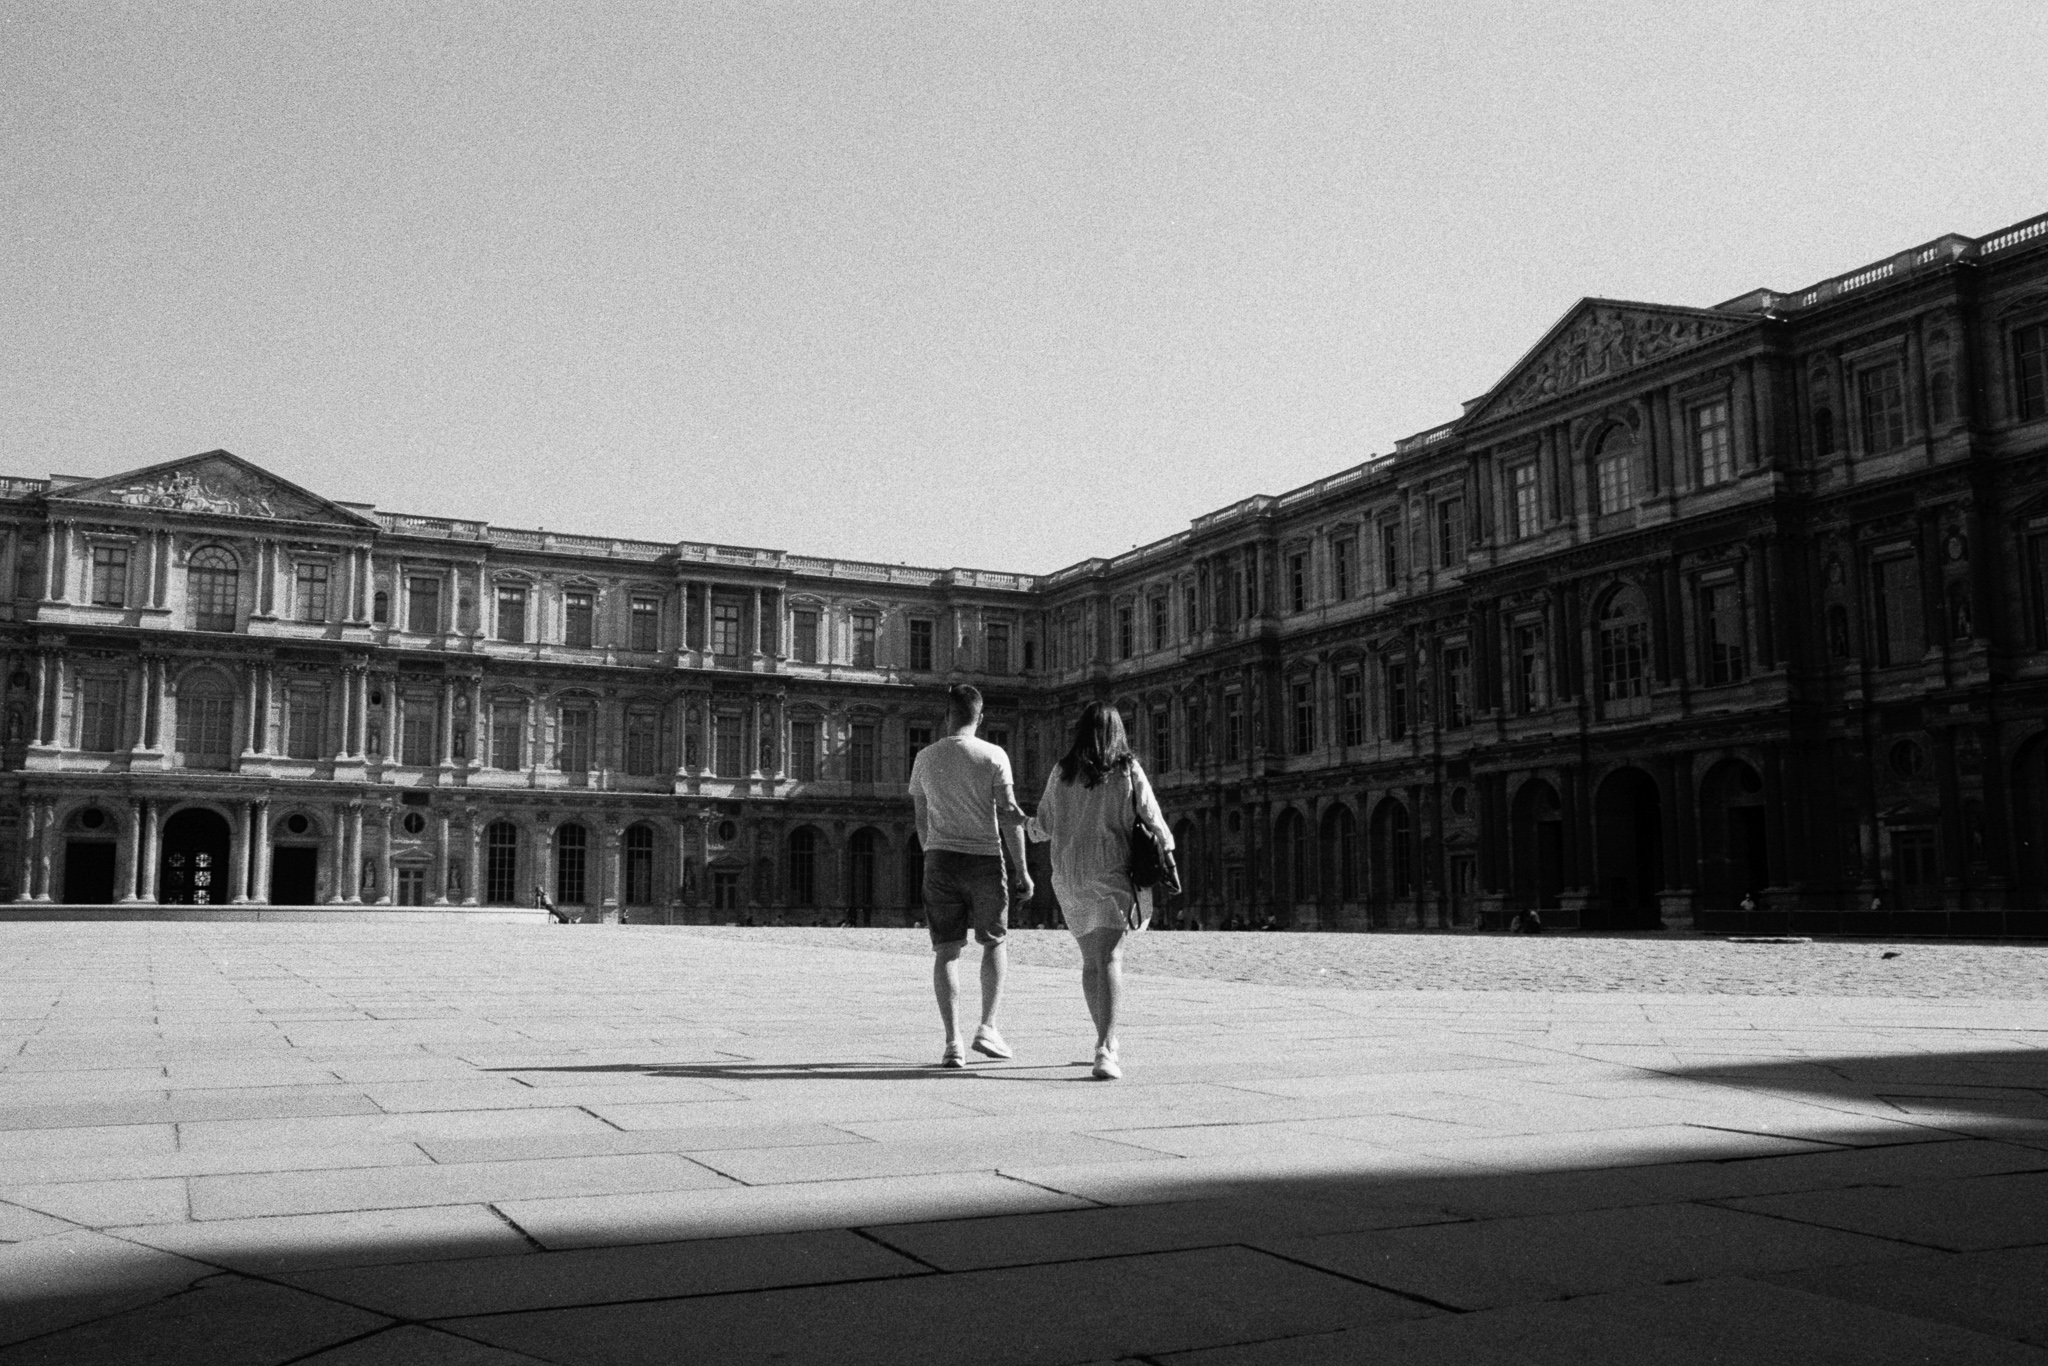 Photographie d'un couple au Louvre à Paris par Damien TROLARD